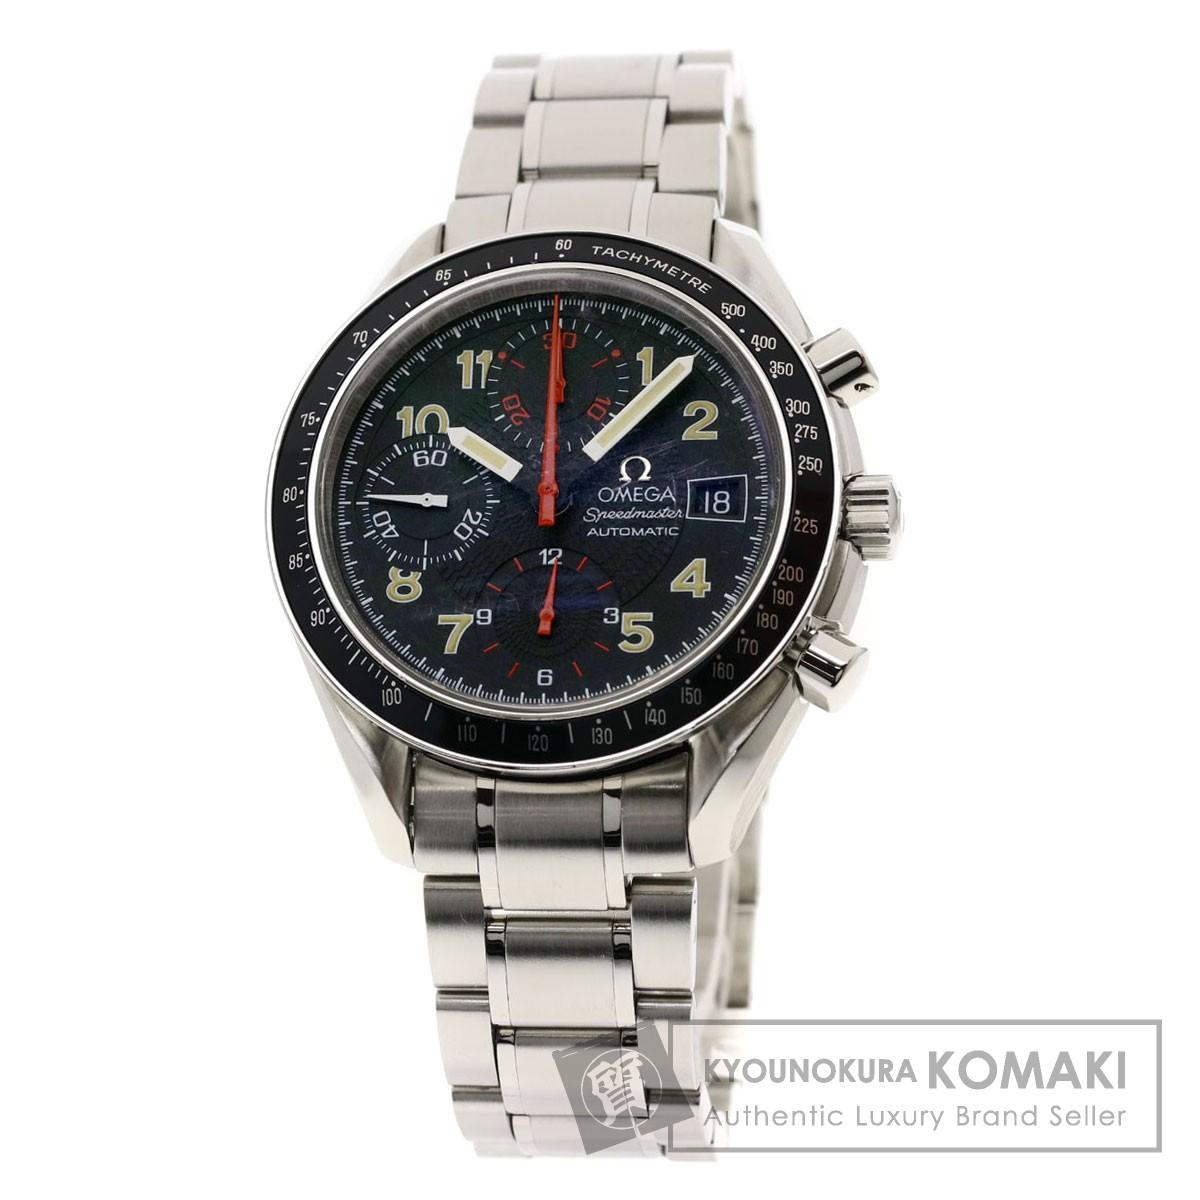 オメガ 3513.53 スピードマスター マーク40 腕時計 OH済 ステンレススチール/SS メンズ 【中古】【OMEGA】